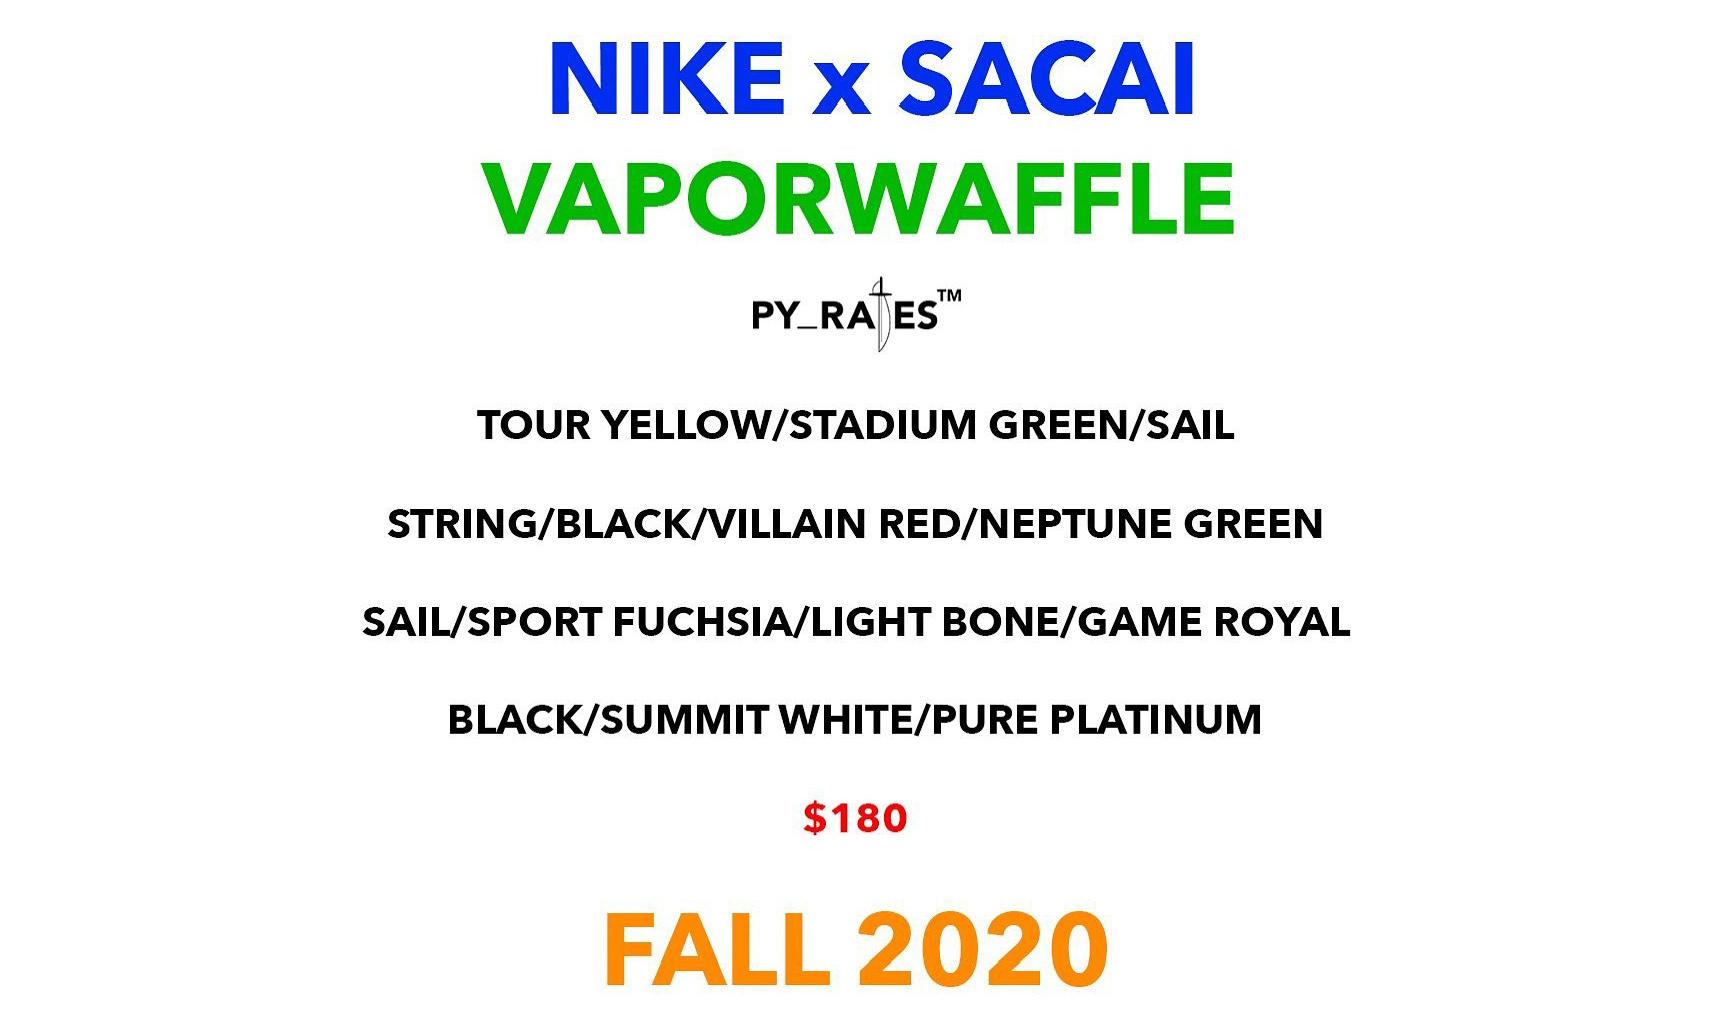 sacai 与 Nike 将推出一双名为「Vaporwaffle」的新鞋款